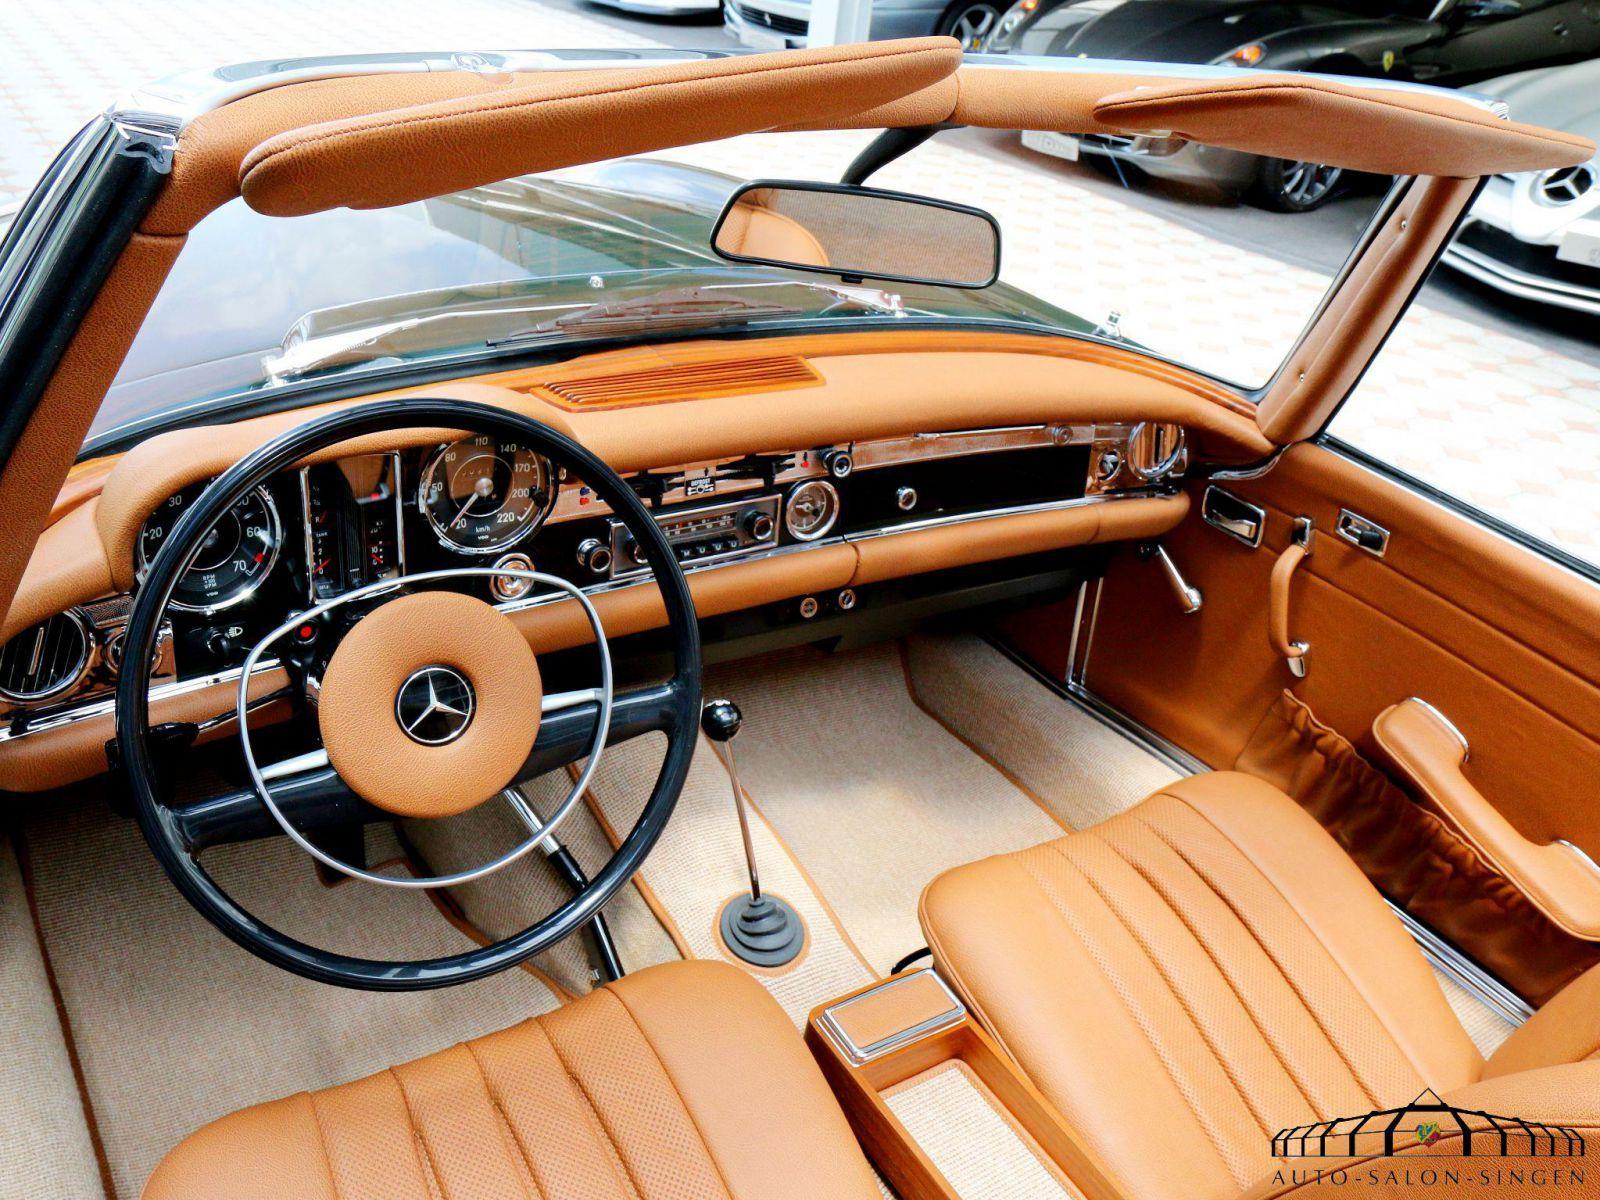 mercedes benz 280 sl pagode mercedes benz classic mercedes interior. Black Bedroom Furniture Sets. Home Design Ideas